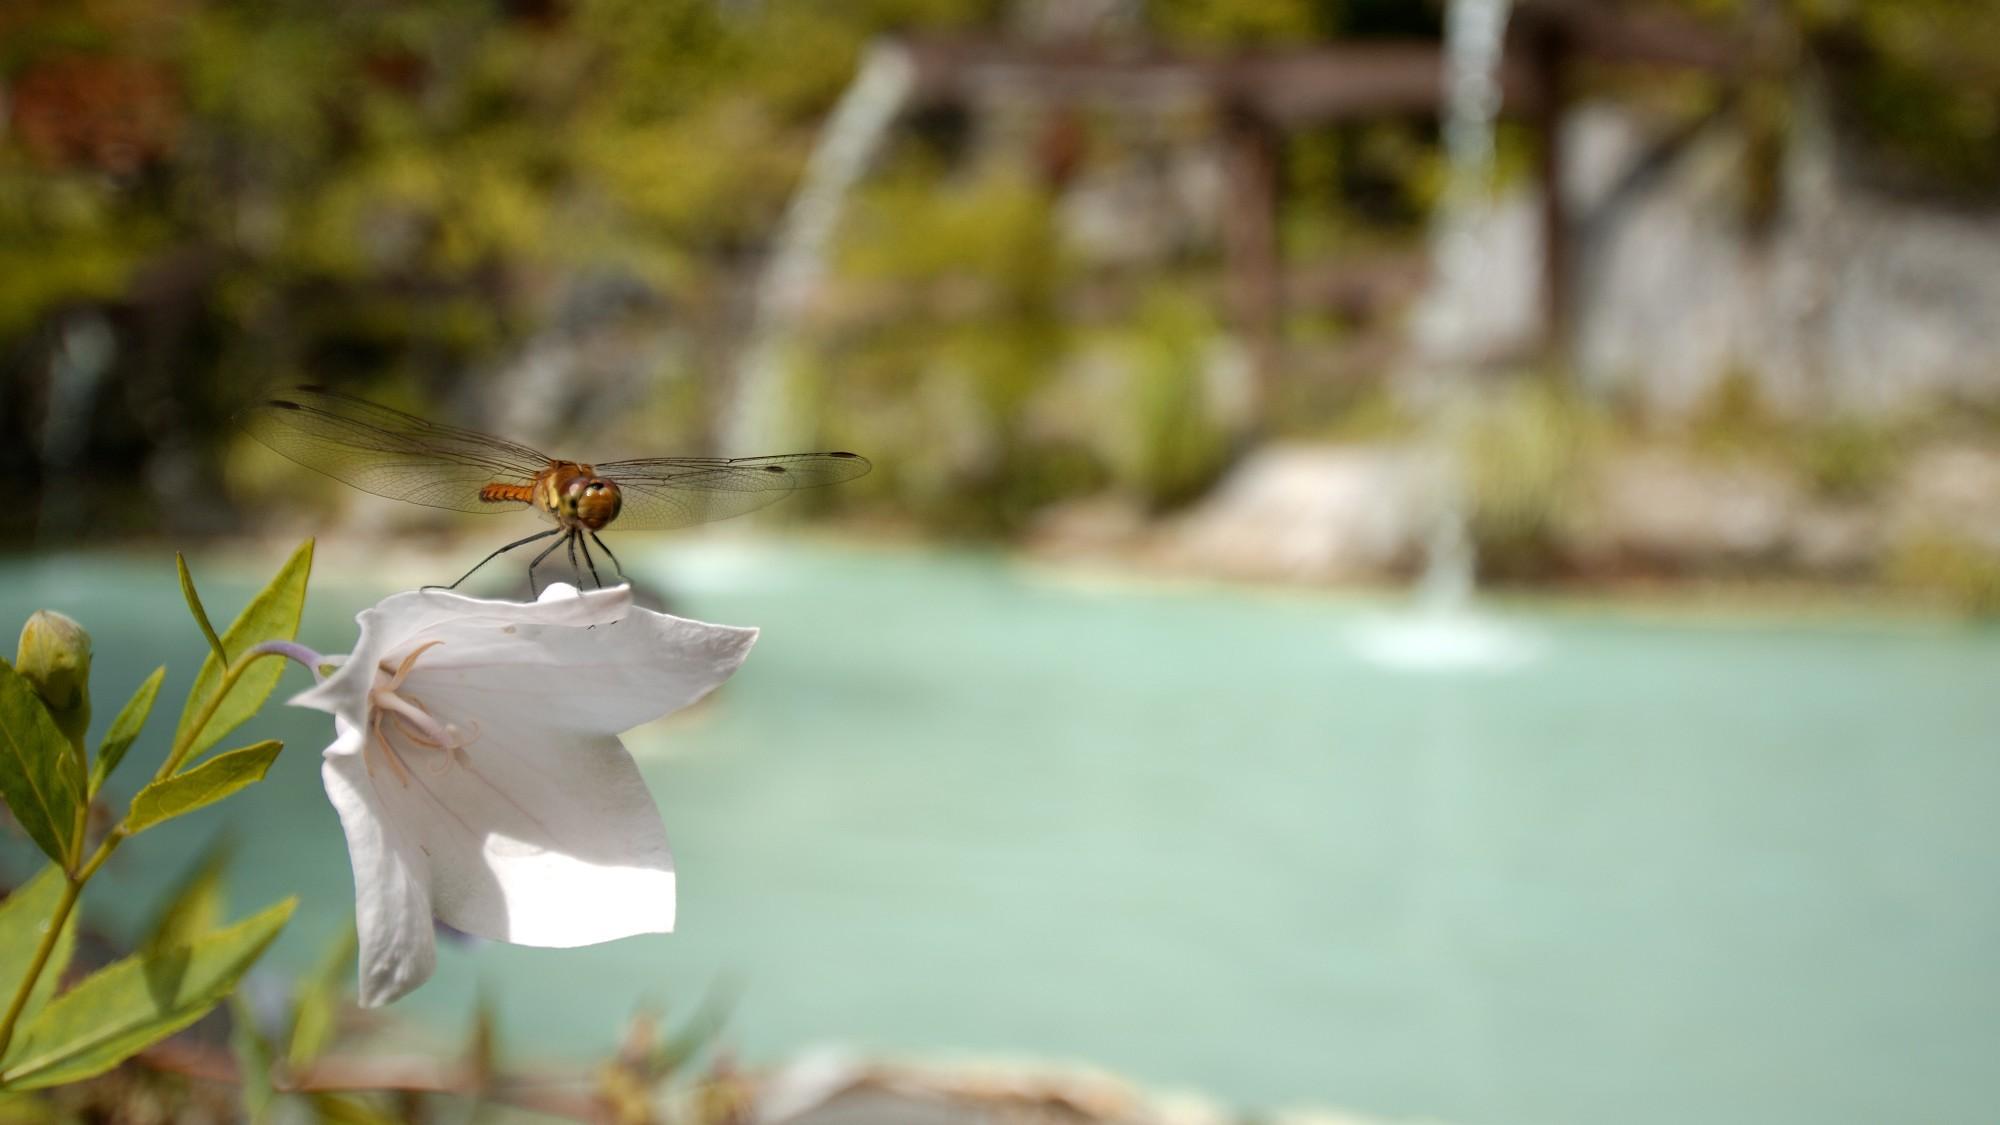 ・【夏】花咲く露天風呂・とんぼも見物に